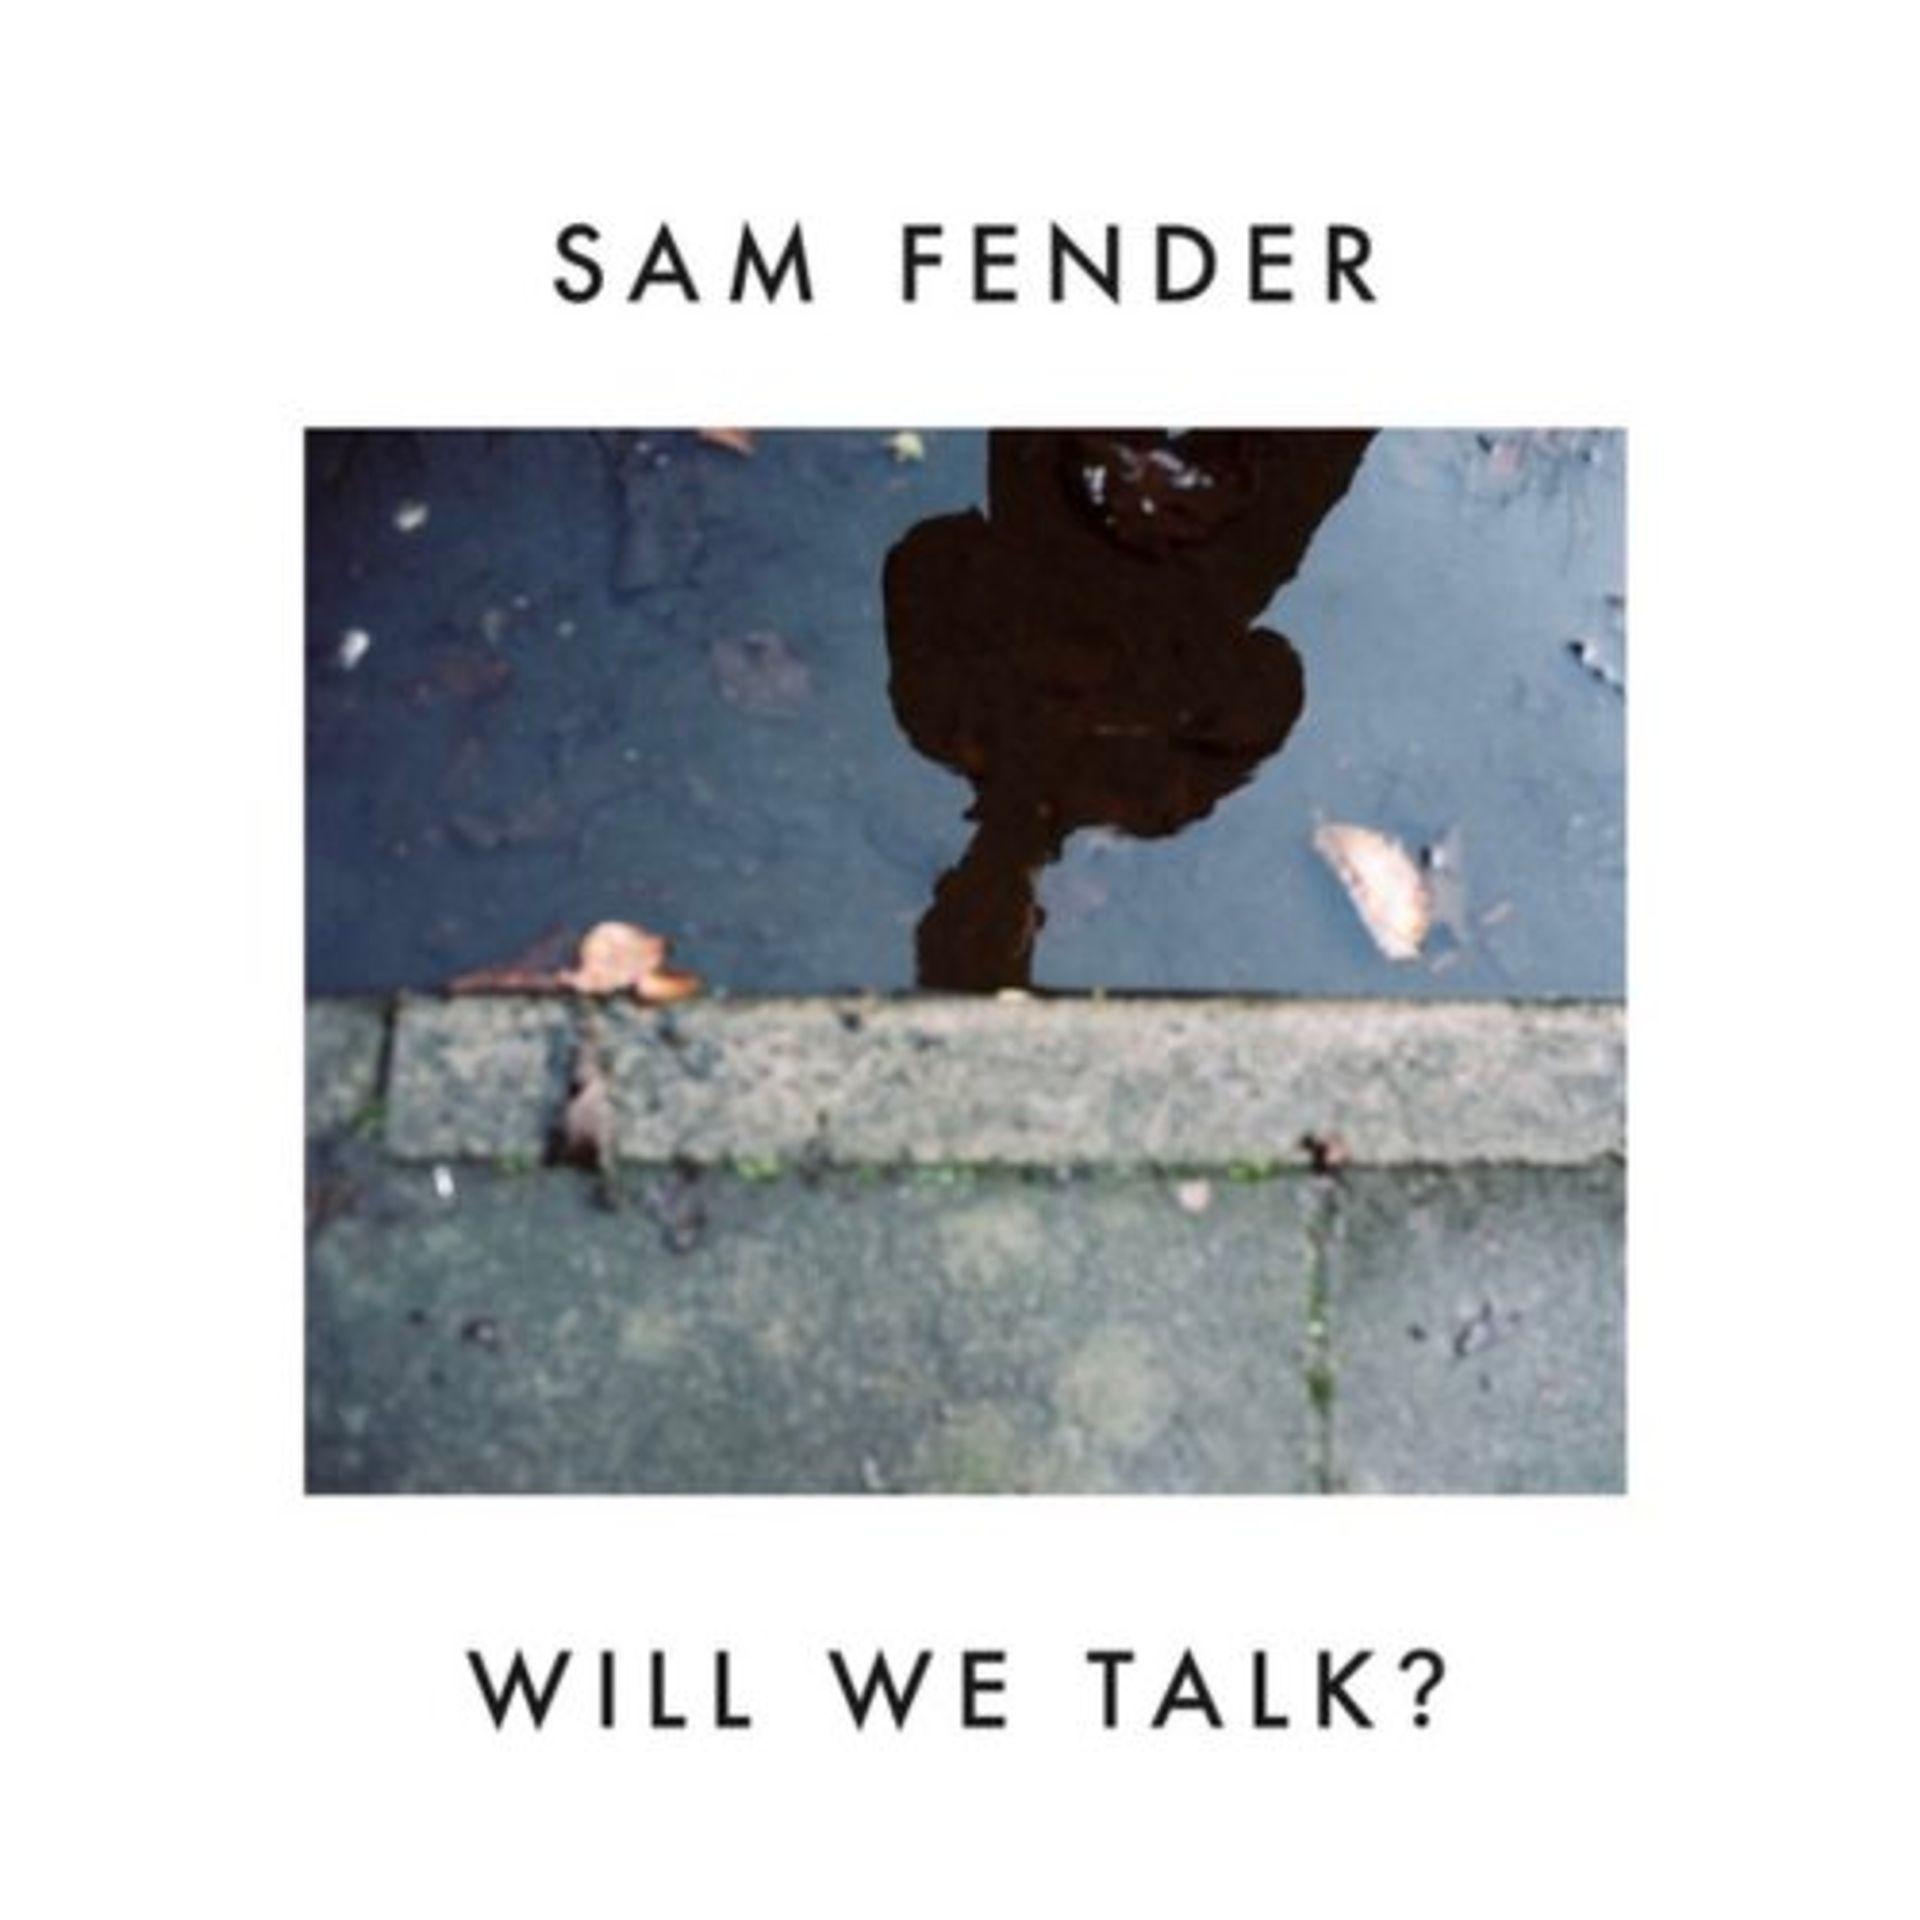 WILL WE TALK